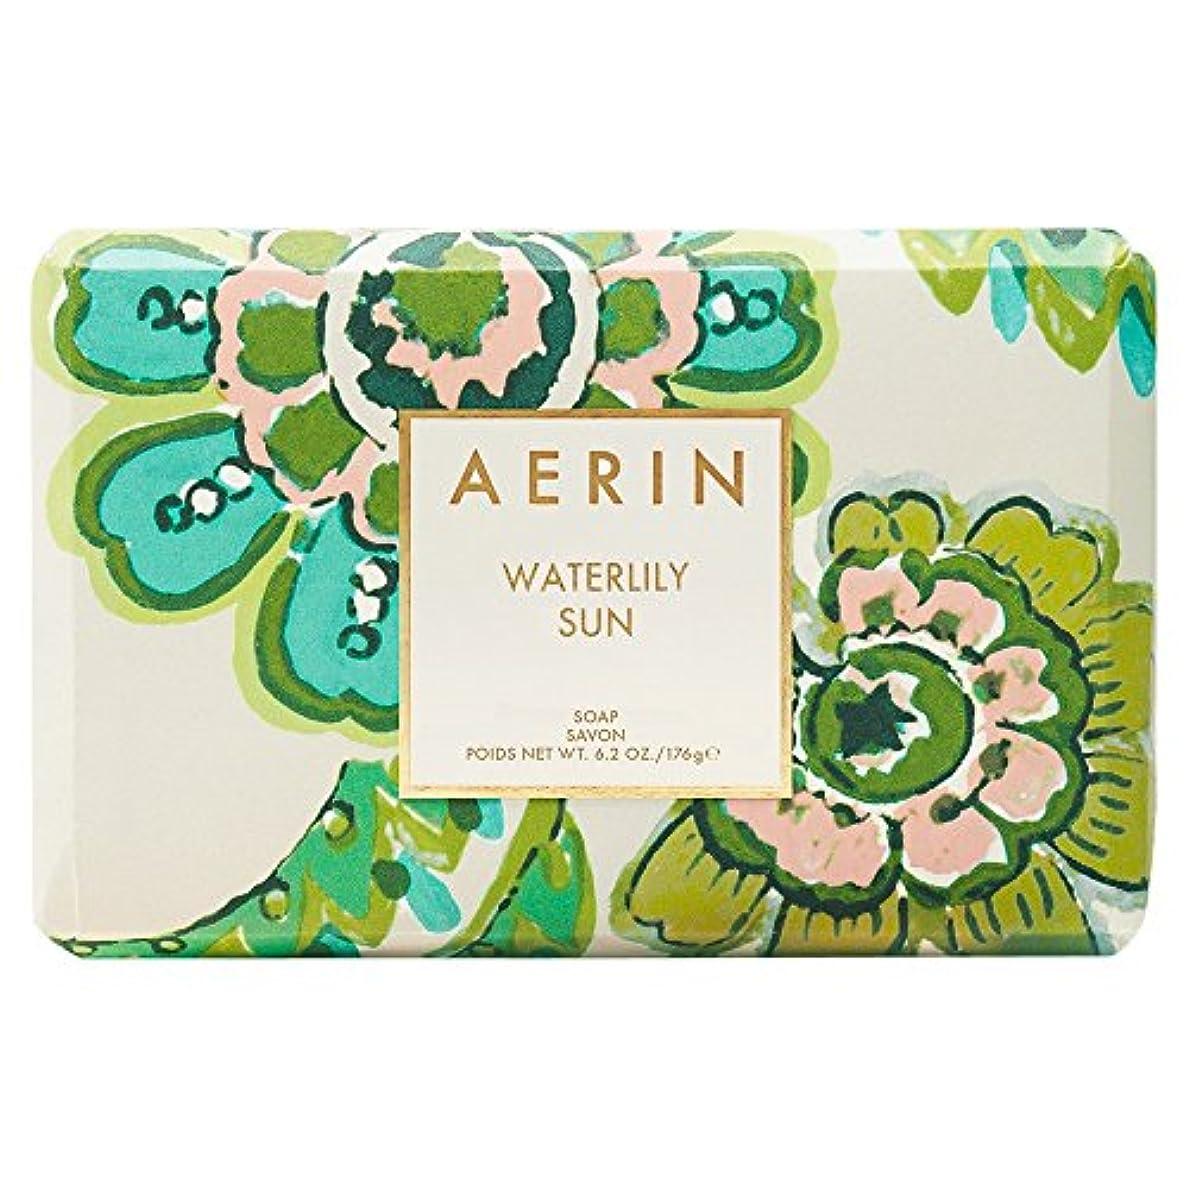 失礼な盗難日食Aerinスイレン日石鹸176グラム (AERIN) (x2) - AERIN Waterlily Sun Soap 176g (Pack of 2) [並行輸入品]